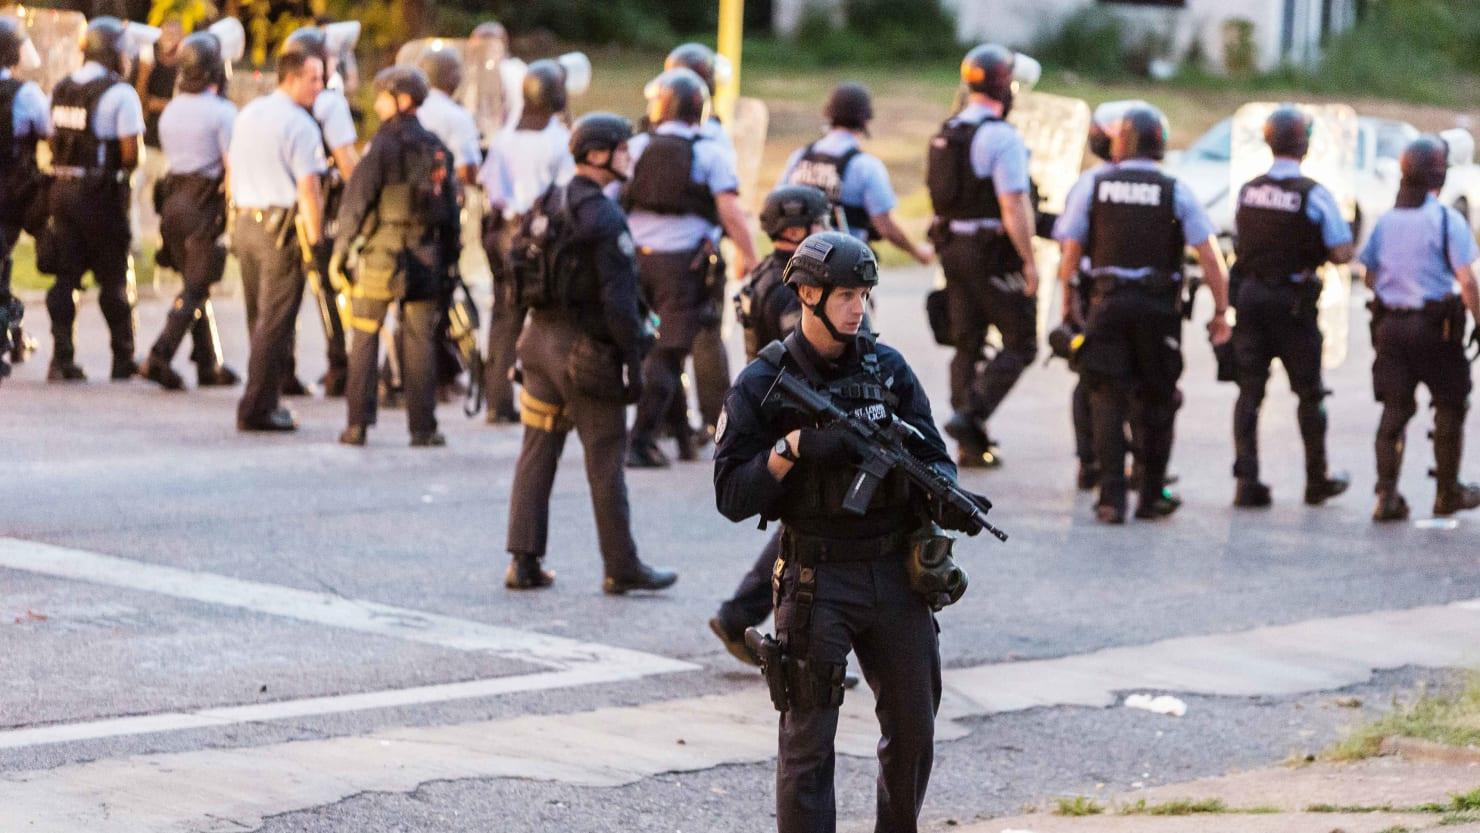 police_zlwz9b.jpeg